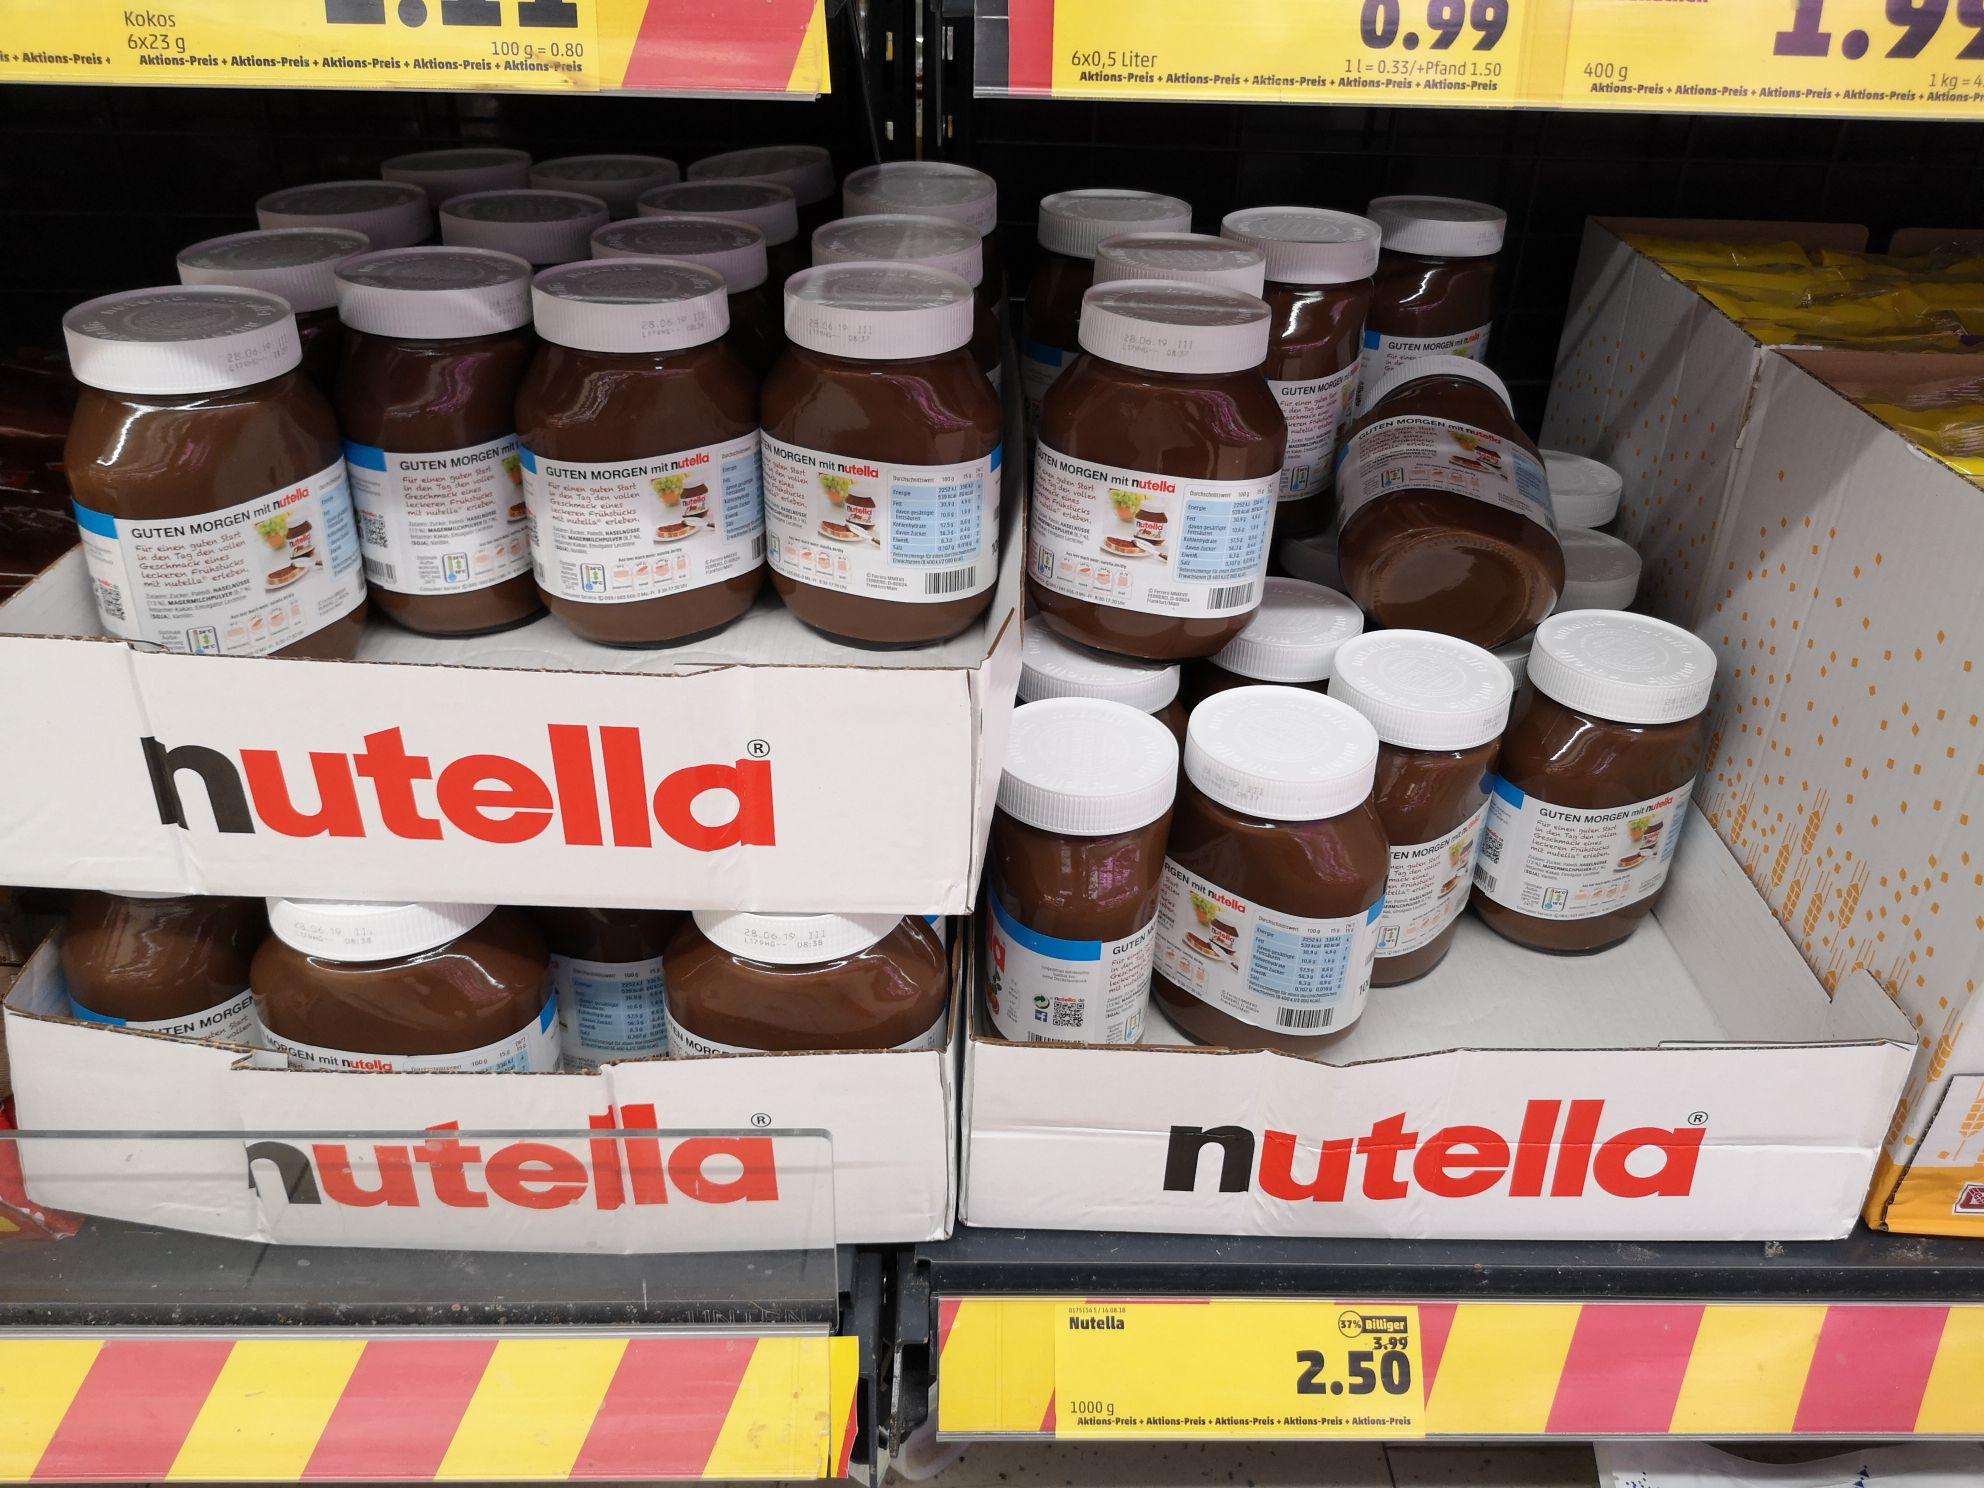 Nutella 1kg und 450gramm+50gramm im Abverkauf (evtl. Nur lokal in HH Bramfeld)